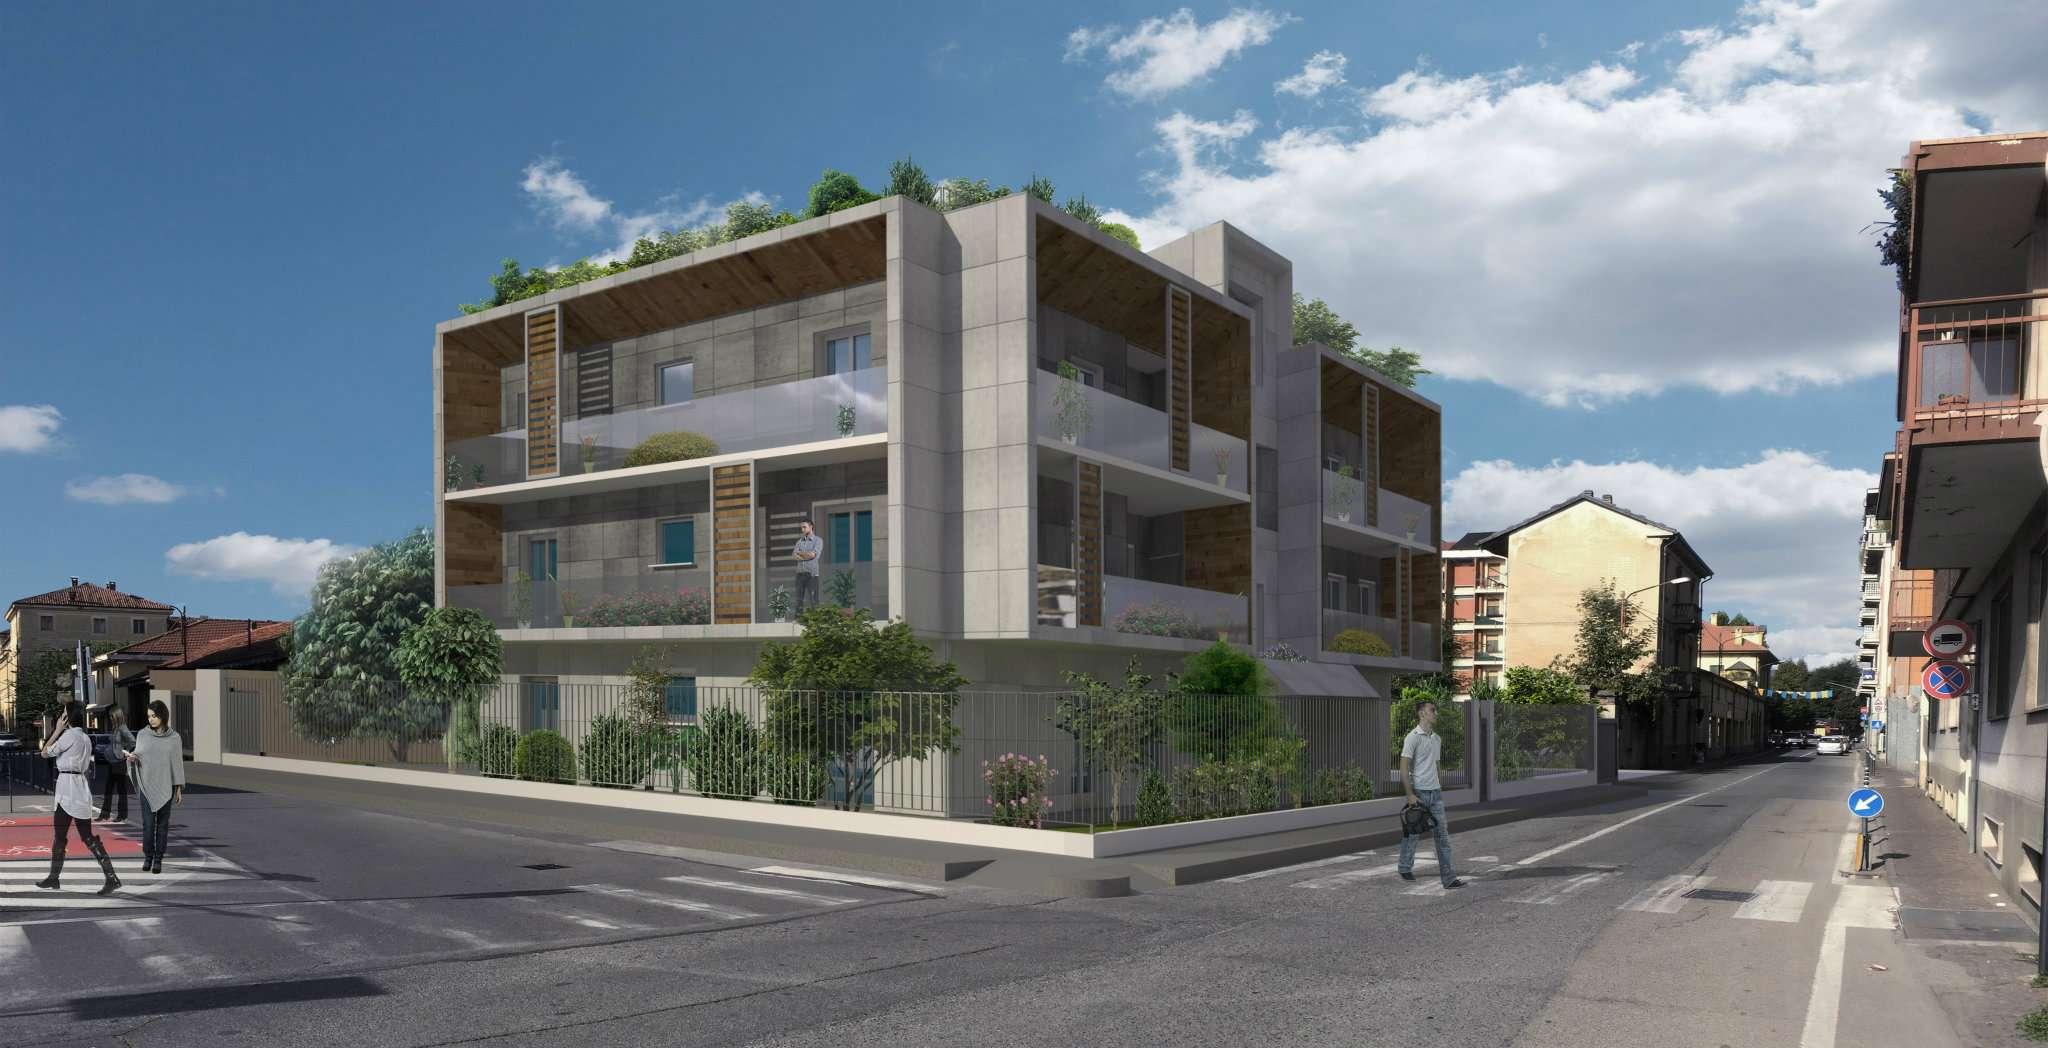 Attico / Mansarda in vendita a Ciriè, 3 locali, prezzo € 250.000 | PortaleAgenzieImmobiliari.it